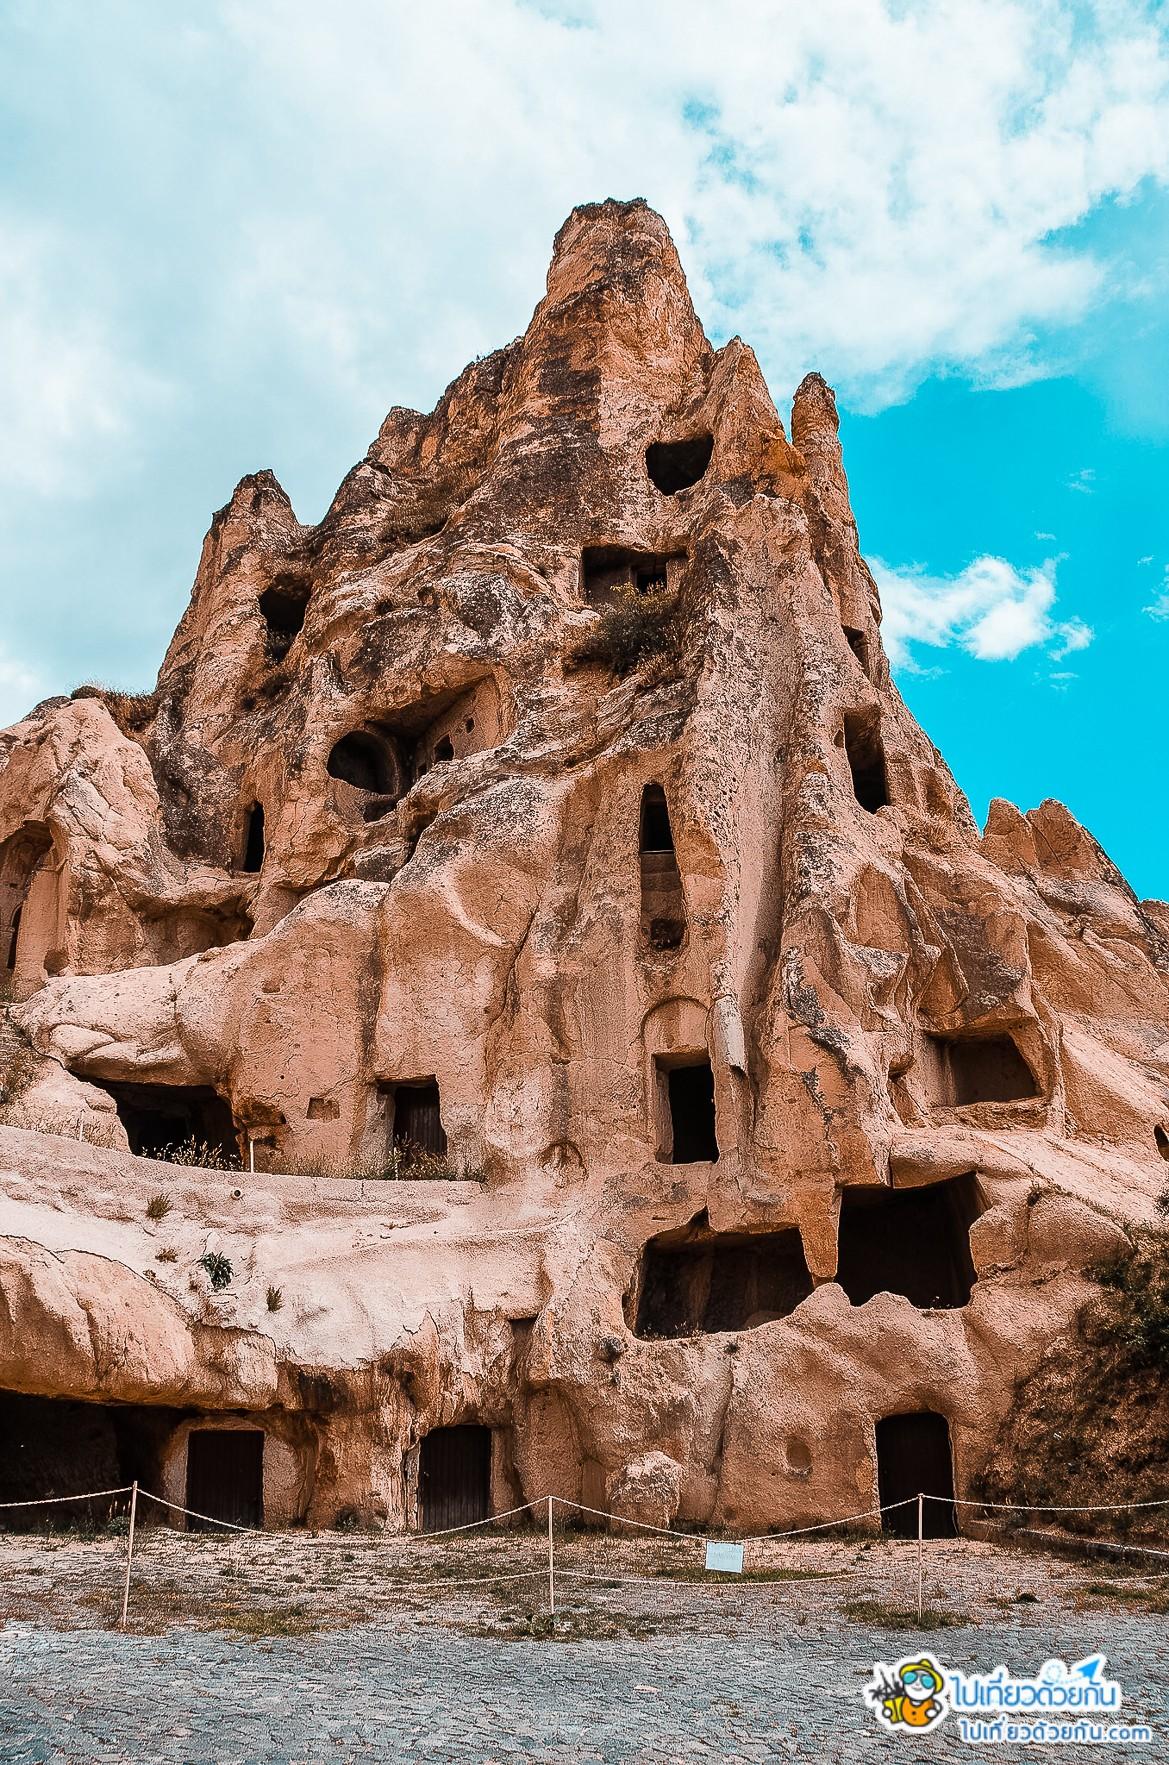 - ภูเขากรวยหิน เจาะเป็น 6 ชั้นทำเป็นห้องครัว ห้องอาหาร โบสถ์  -